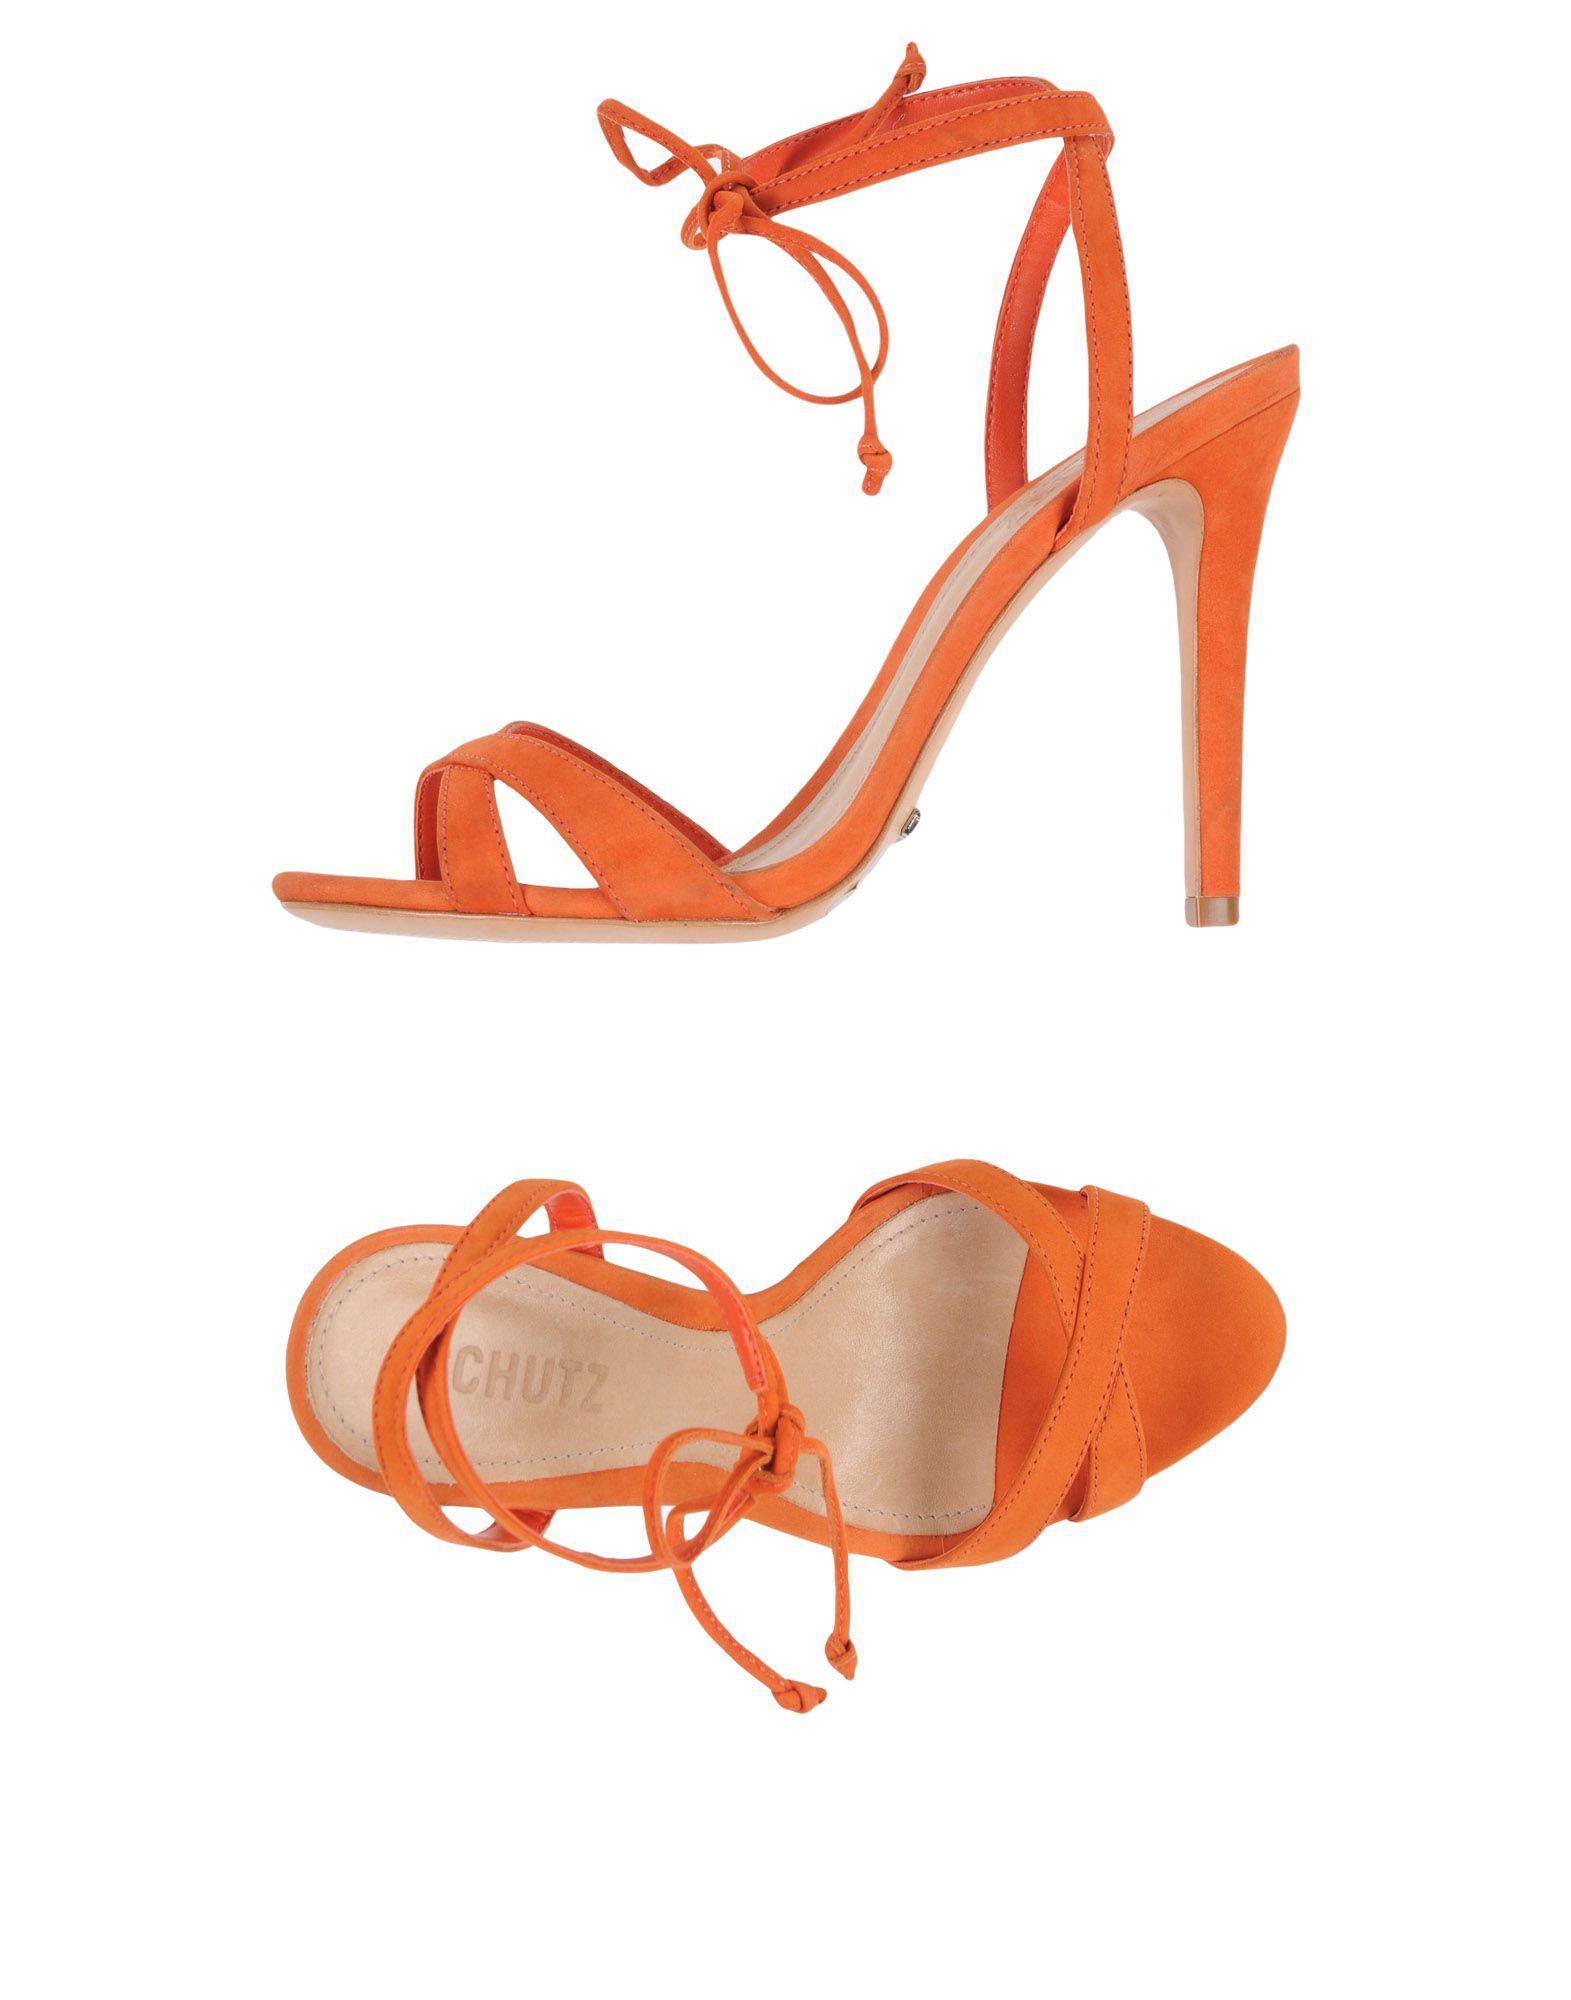 Schutz Sandals In Rust